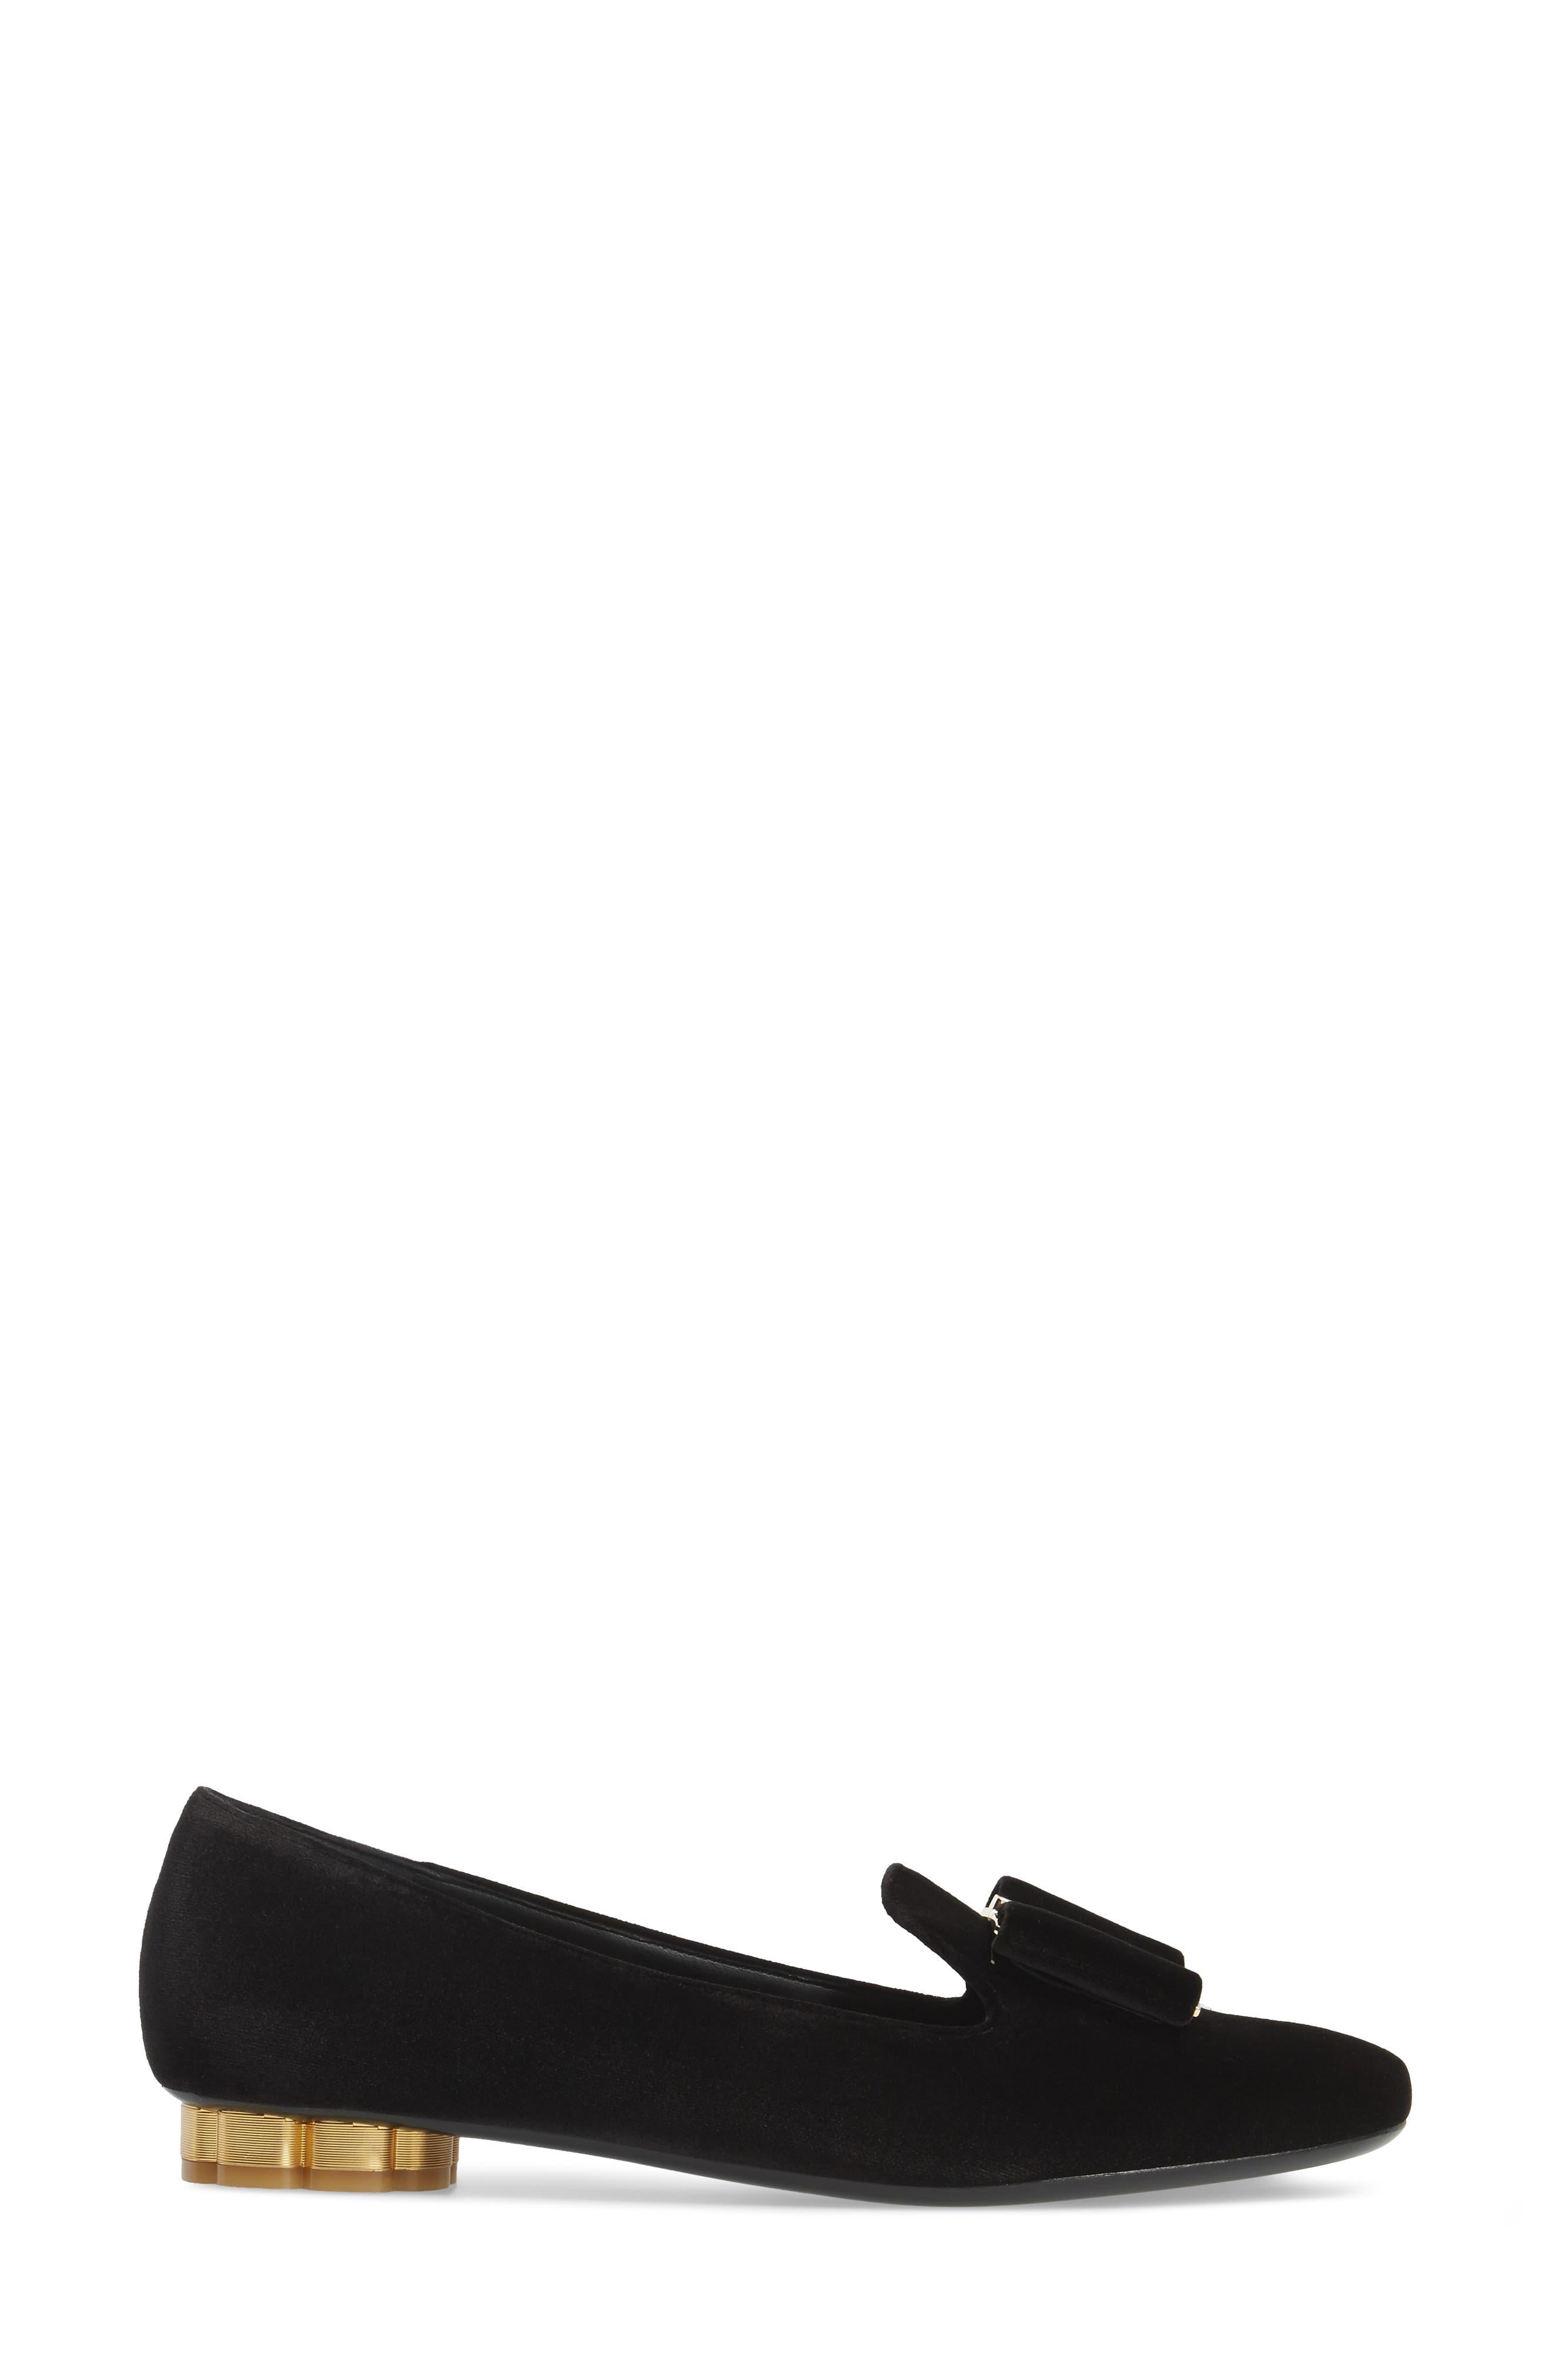 Alternate Image 3  - Salvatore Ferragamo Sarno Flower Heel Smoking Loafer (Women)